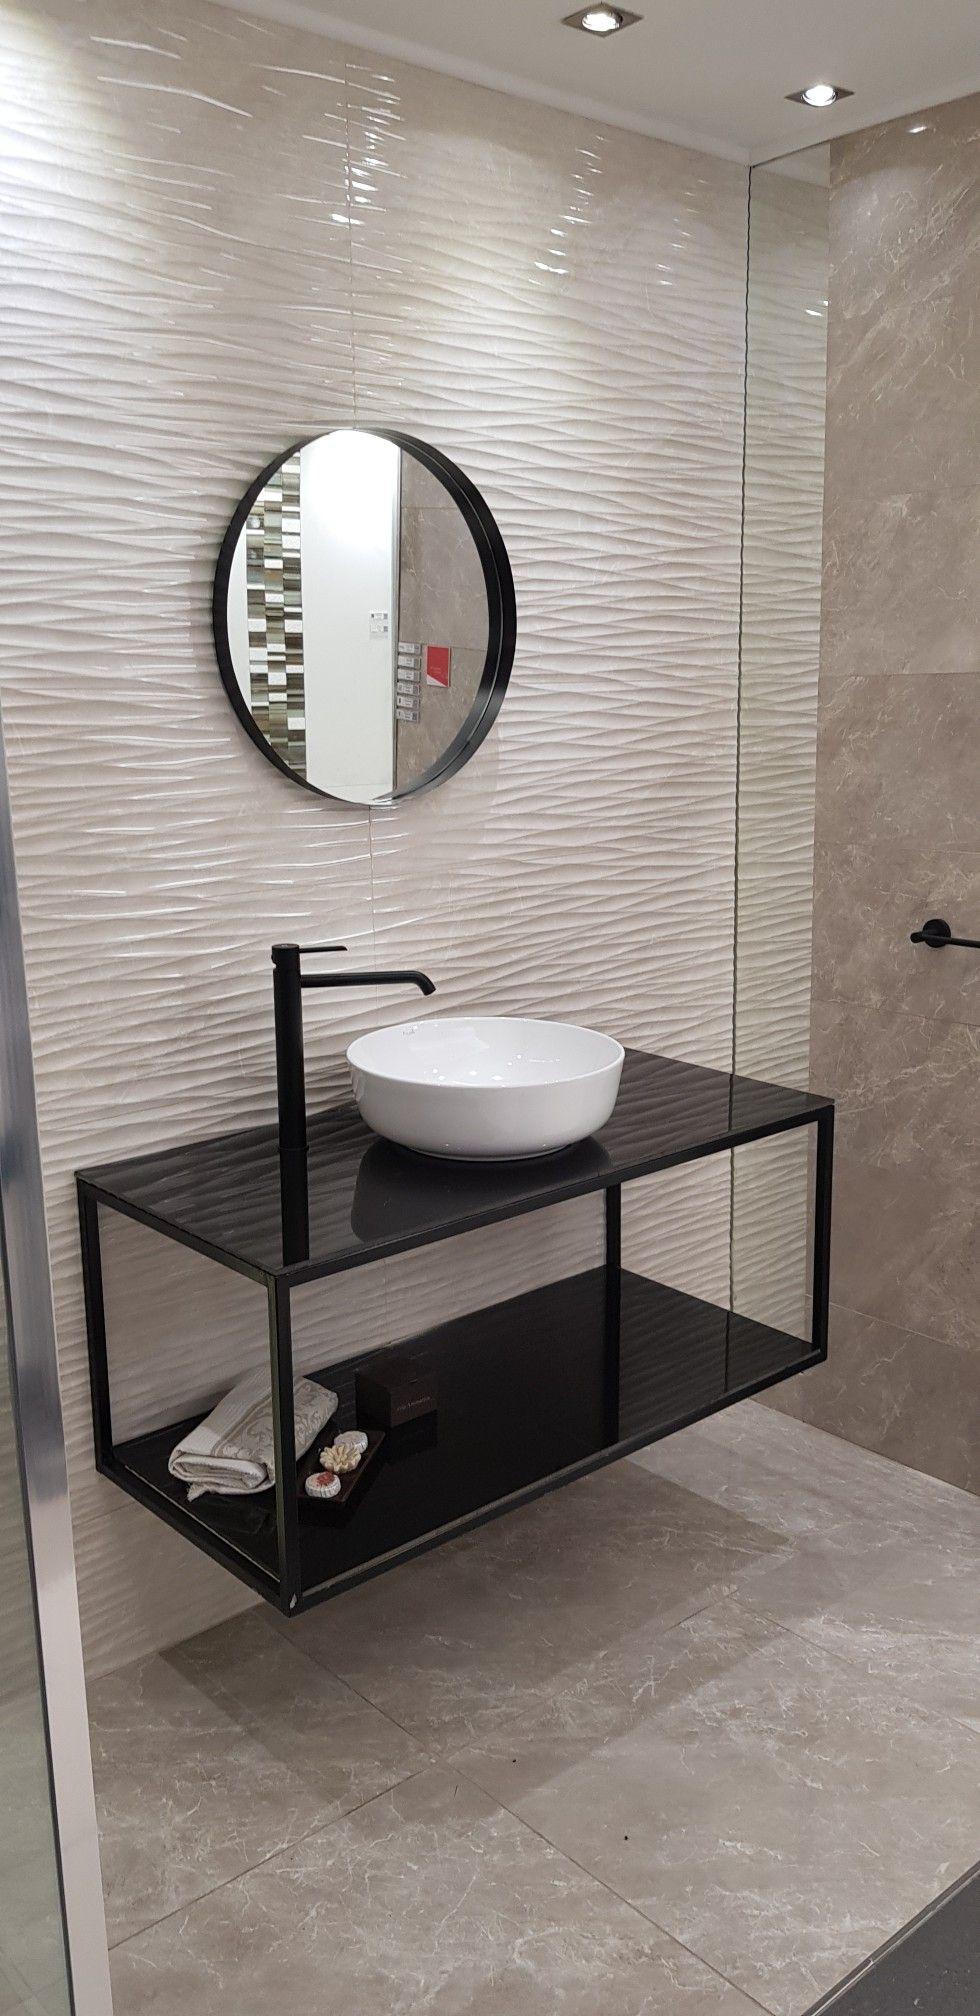 Mesada hierro y espejo redondo (con imágenes) | Muebles de ...